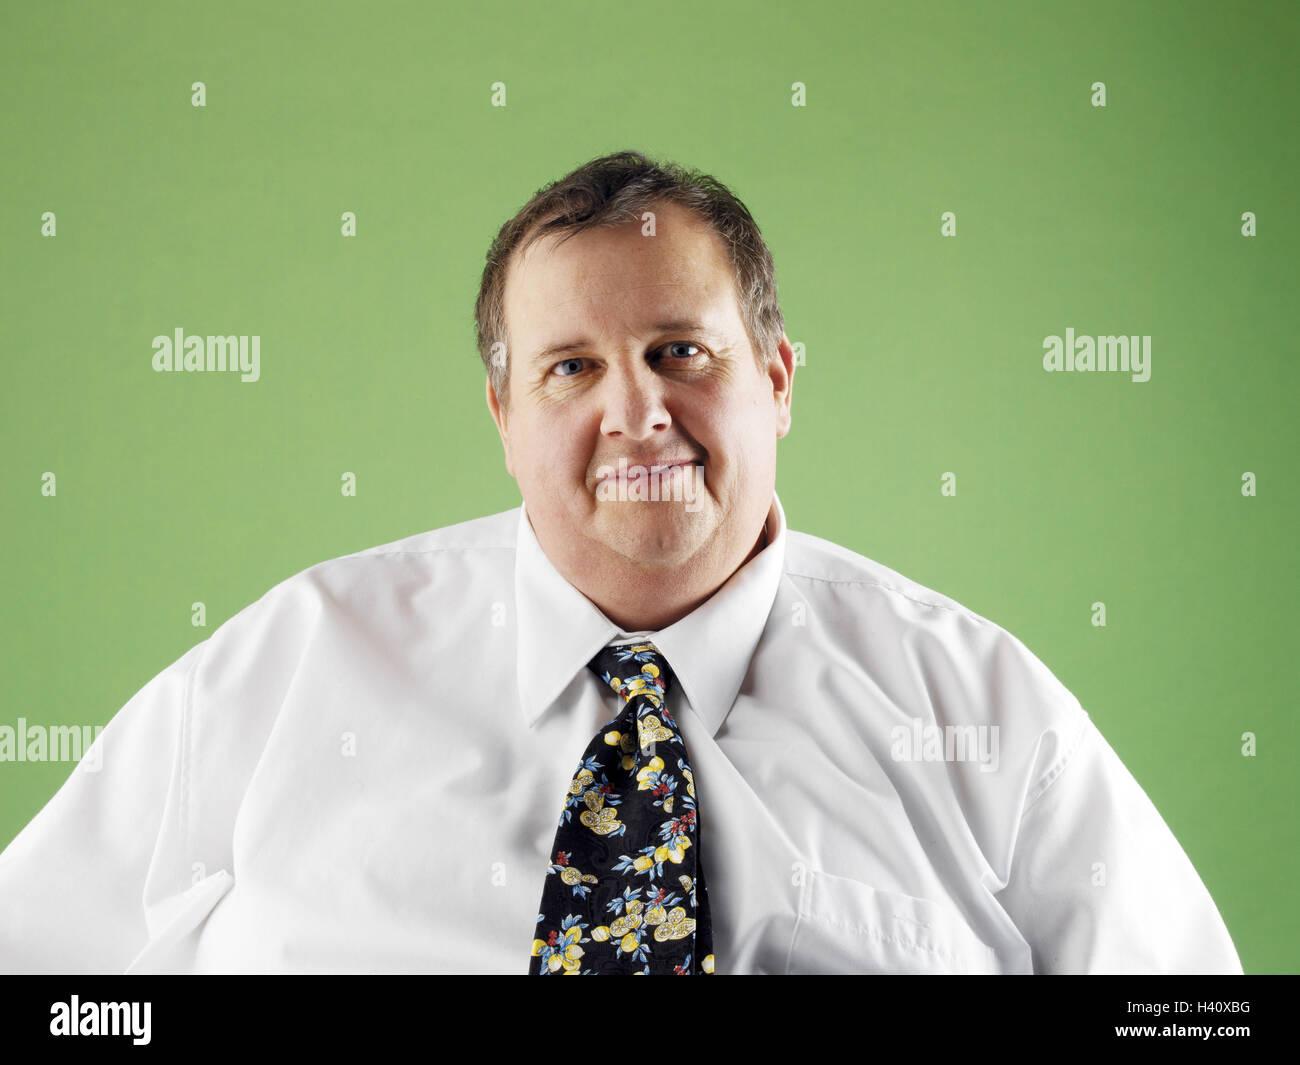 Mit schwerwiegenden Folgen: Mehr als 55 Prozent der BundesbГјrger sind zu dick, rund 16 Millionen Menschen werden als behandlungsbedГјrftig fettsГјchtig.